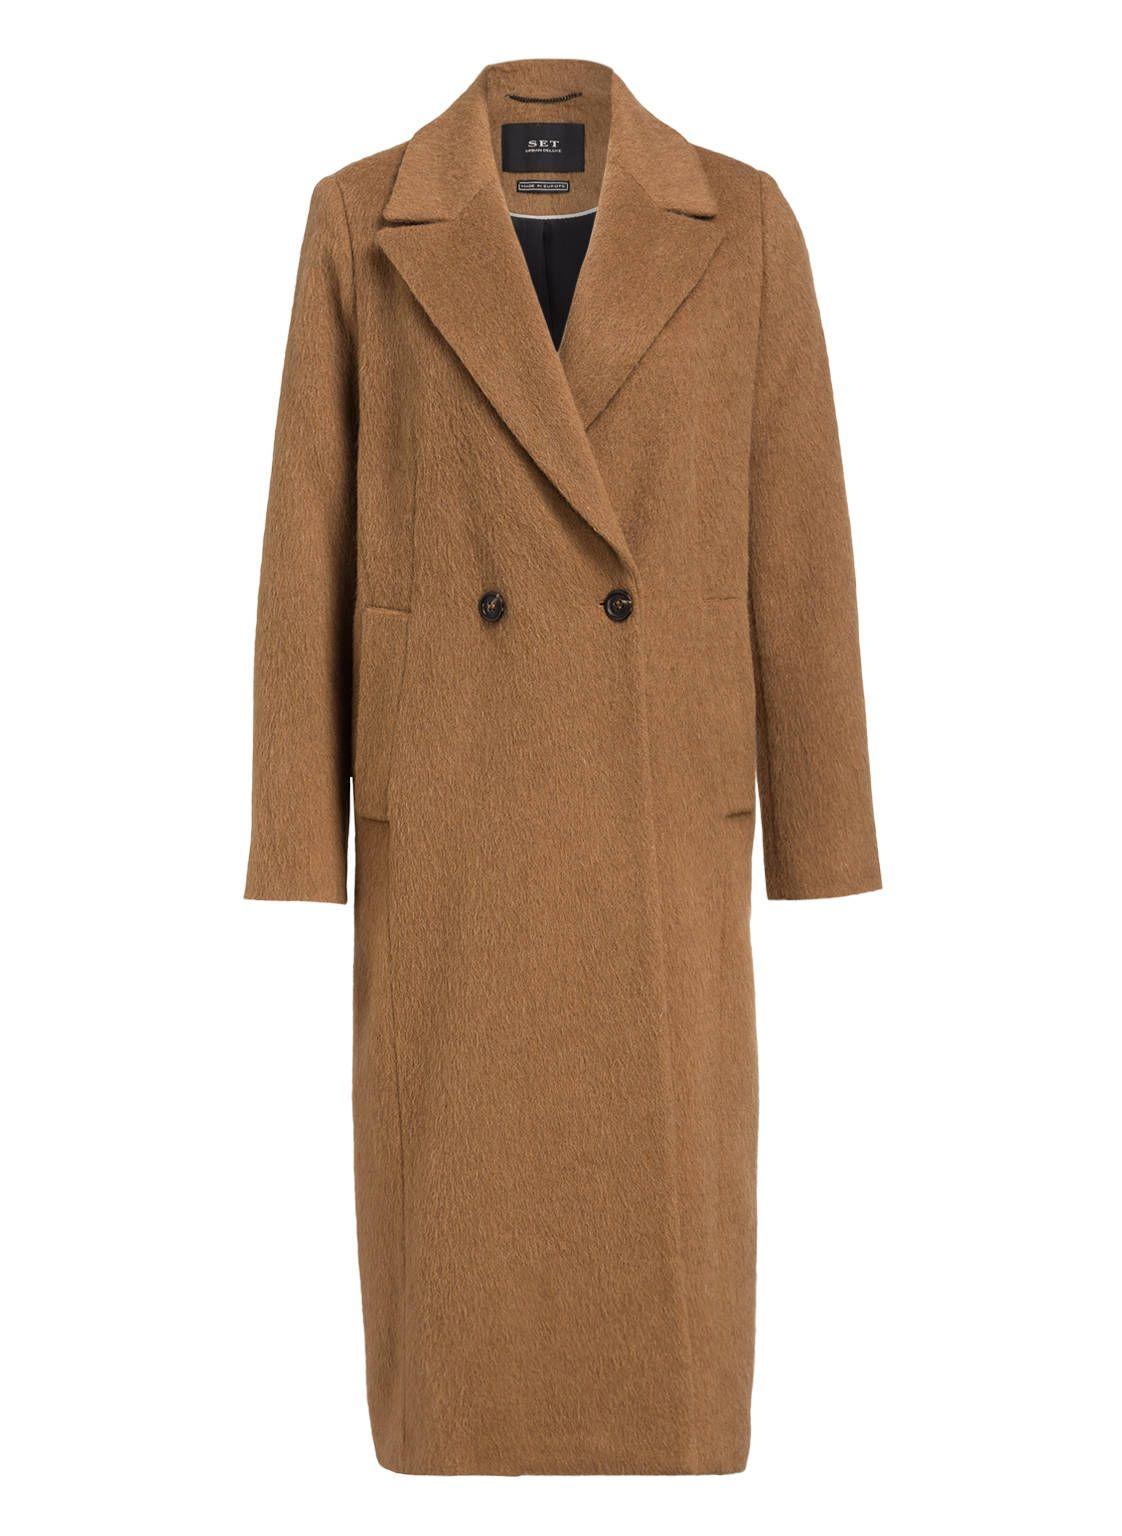 Set Mantel In 2020 Mantel Breuninger Und Wolle Kaufen